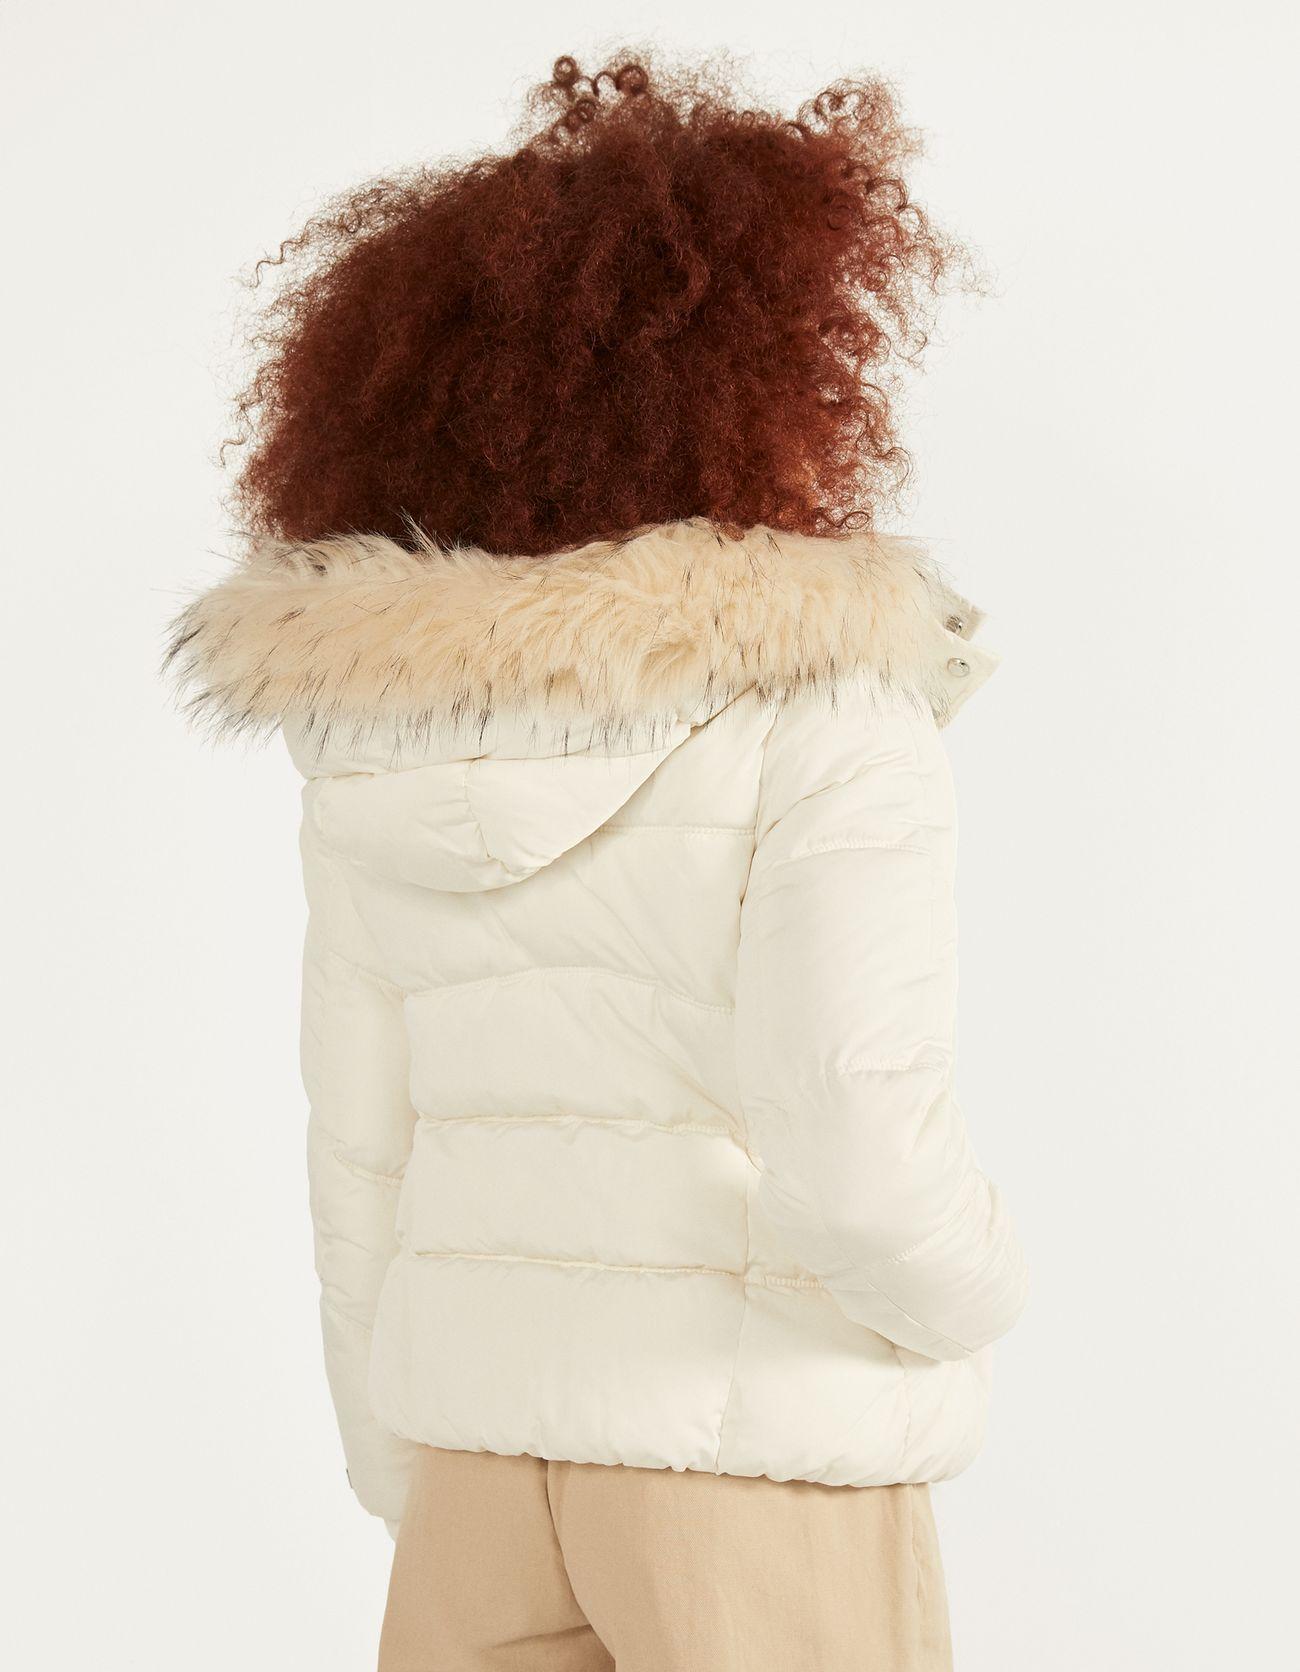 Дутая куртка с капюшоном Бежевый Bershka